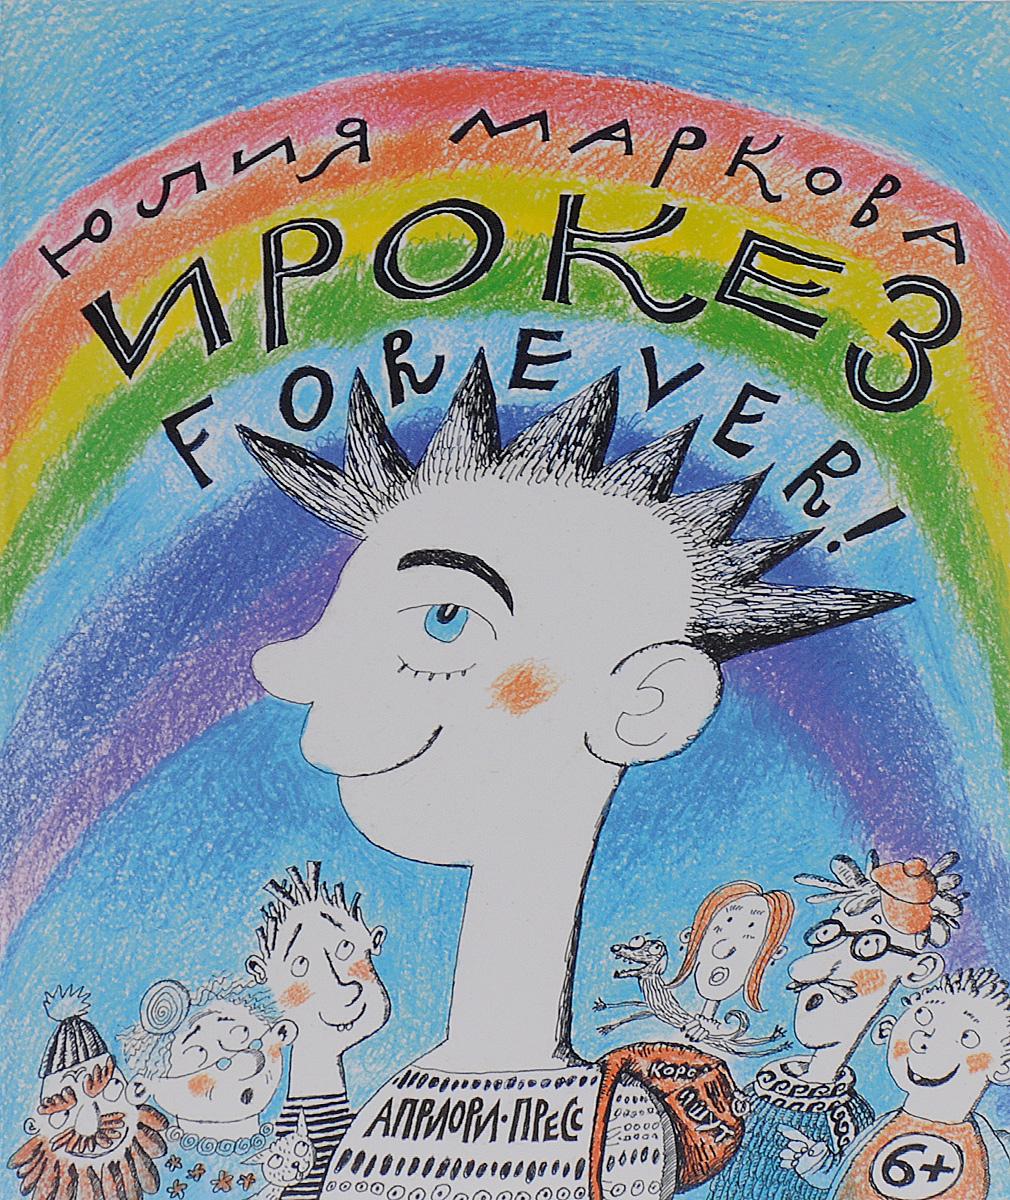 Ирокез forever!